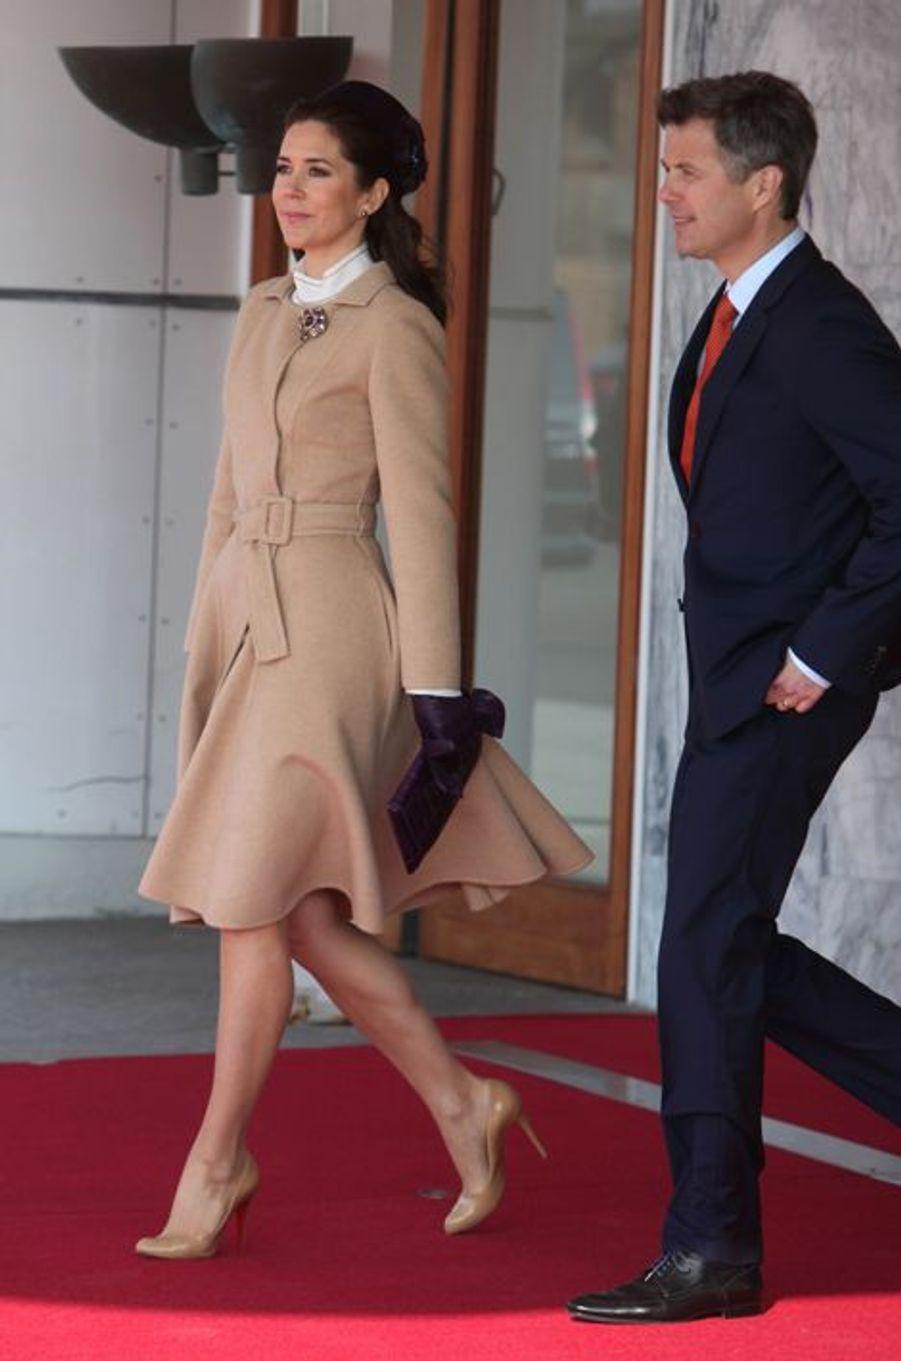 La princesse Mary et le prince Frederik de Danemark à l'aéroport de Copenhague, le 17 mars 2015